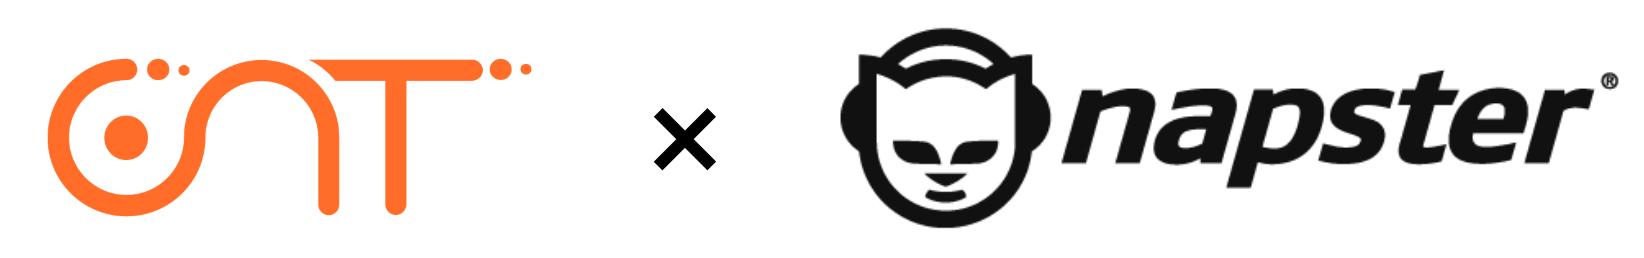 """Powered by Napster""""音楽ストリーミングプラットフォーム運営の ..."""